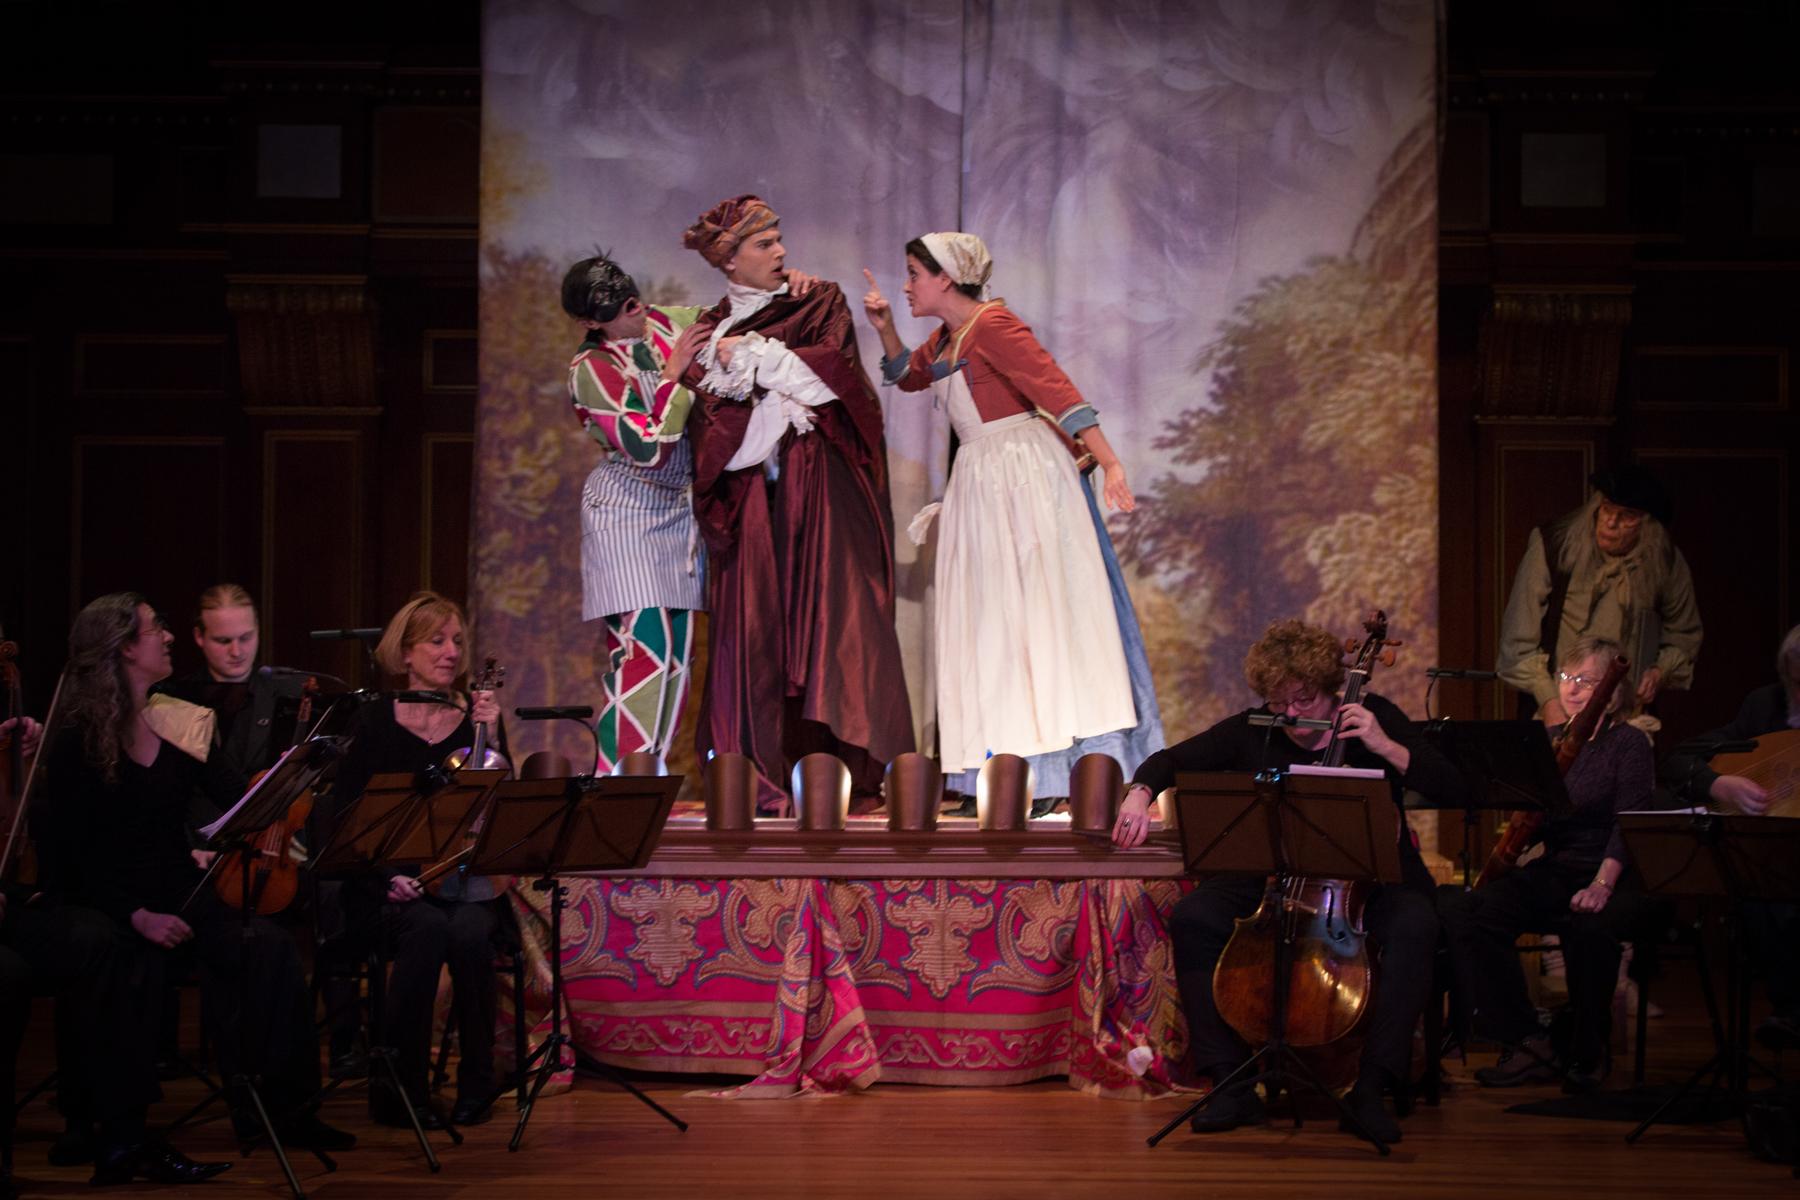 The BEMF Chamber Operas 2014: Pergolesi's La serva padrona and Livietta e Tracollo